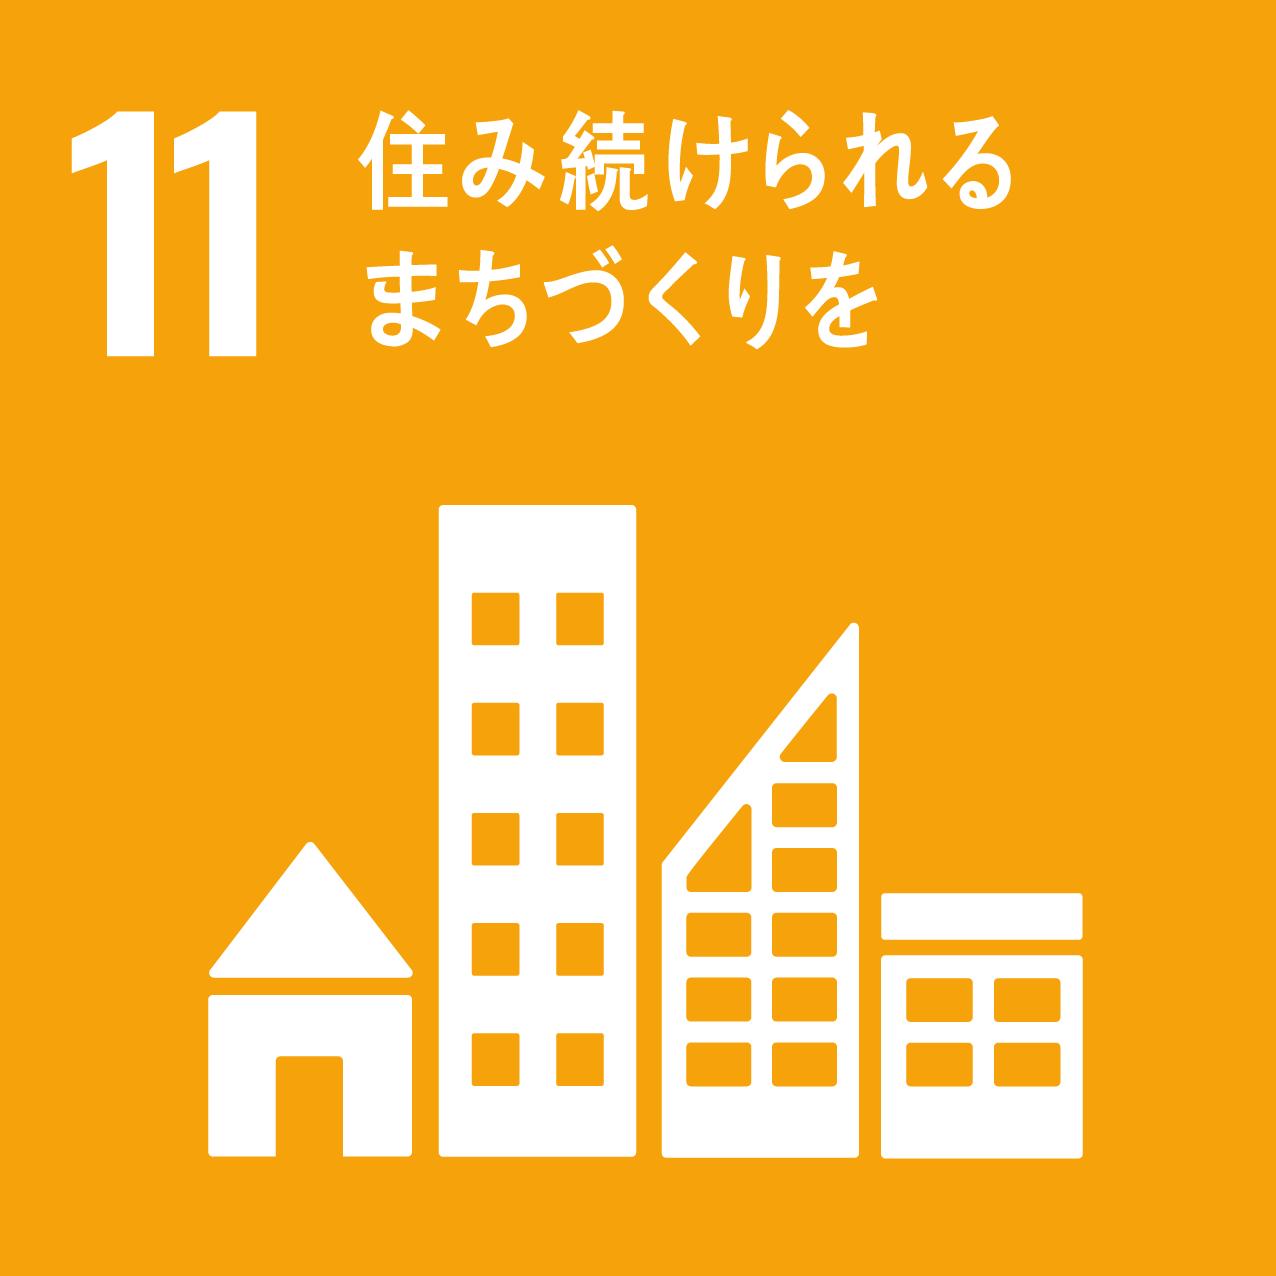 地域の方々が、安全で快適に暮らすことが出来るまちづくりを目指すため学校との協力を行い、地域との関わりを大切にしていきます。